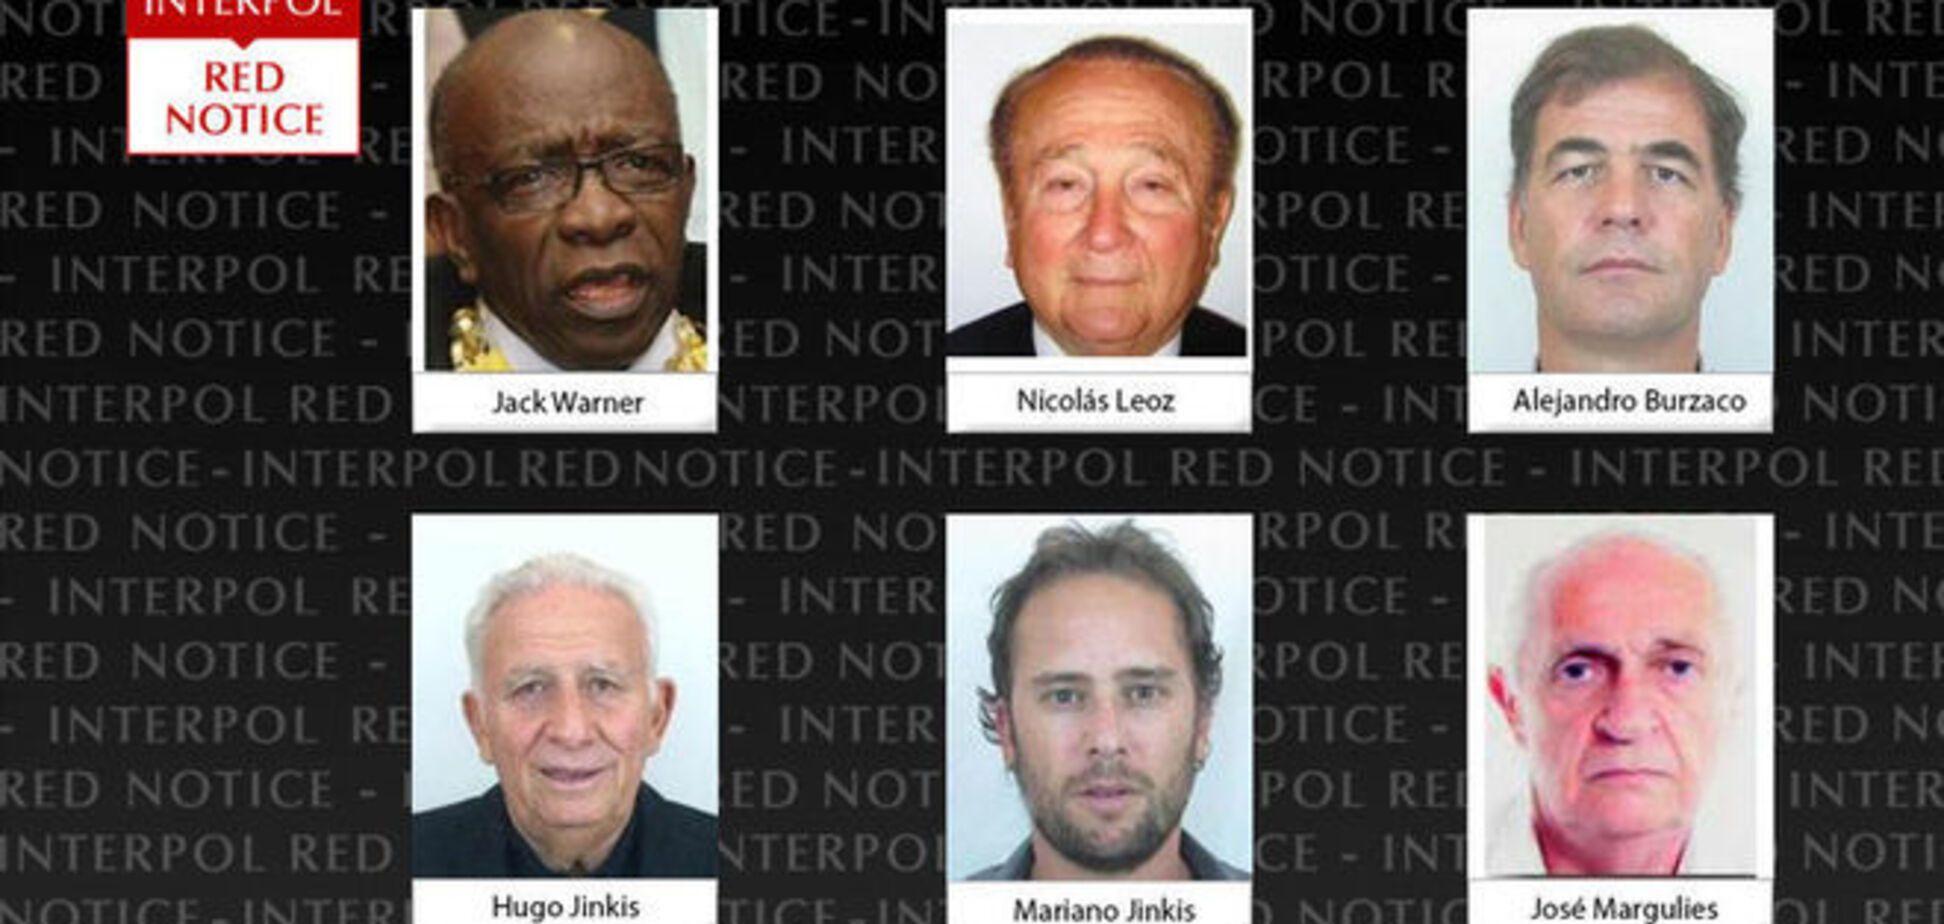 Интерпол открыл охоту на высших чиновников ФИФА: фото 'героев'